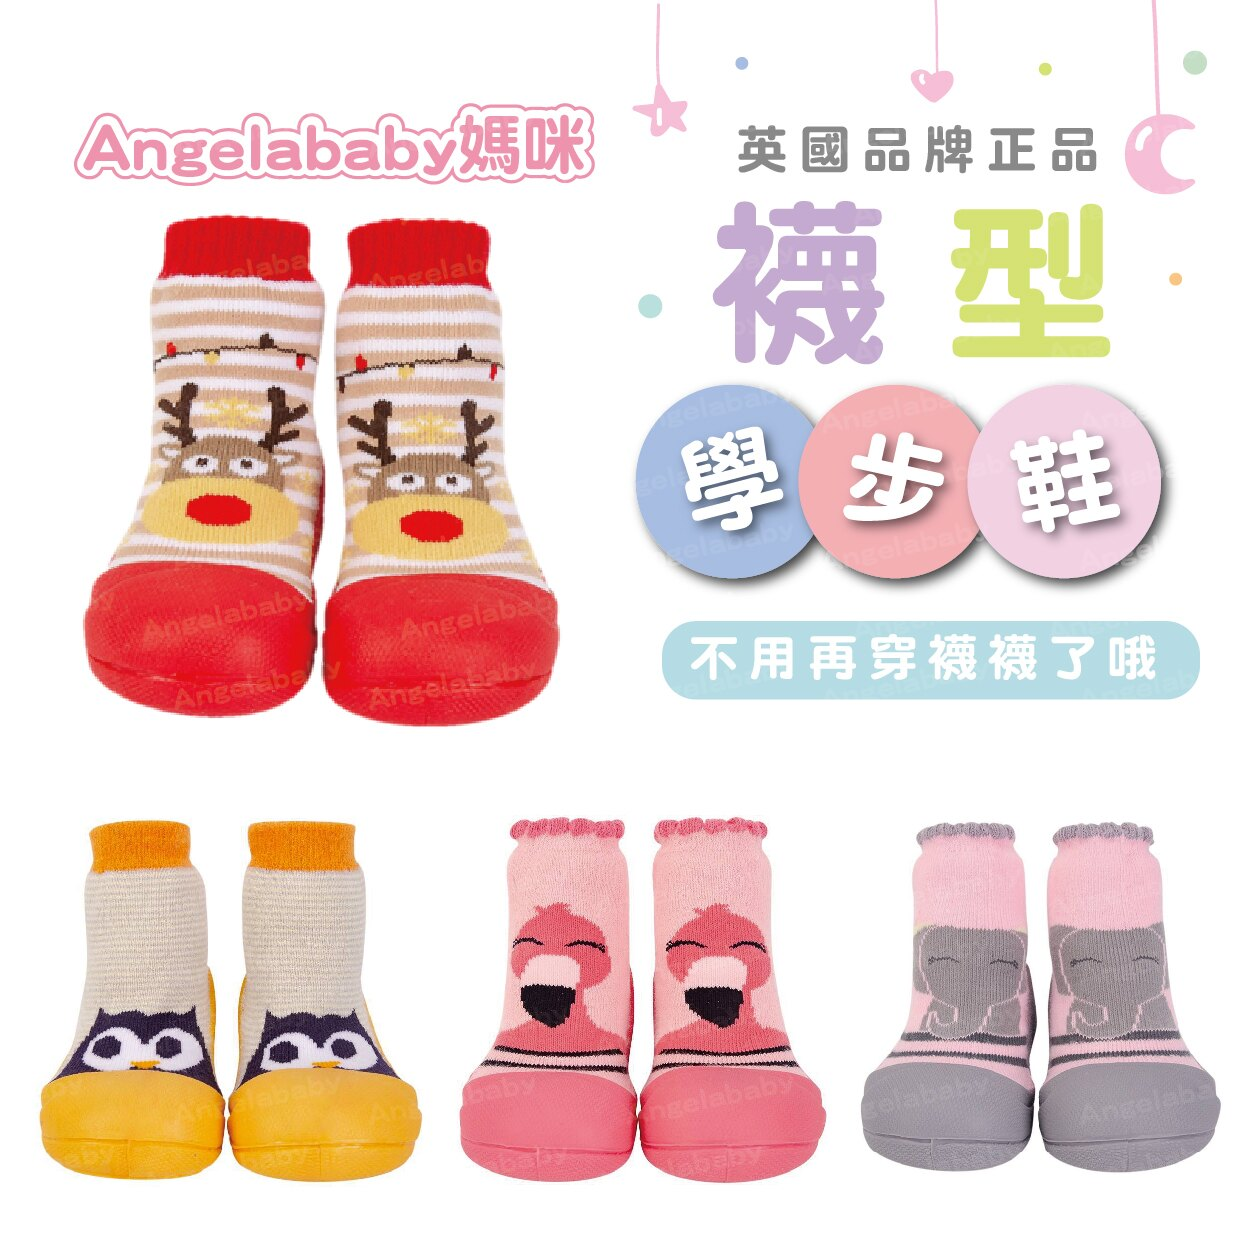 【培婗PeNi】英國品牌純棉毛圈襪鞋 / 幼兒學步鞋 / 襪型鞋 / 嬰兒鞋 0